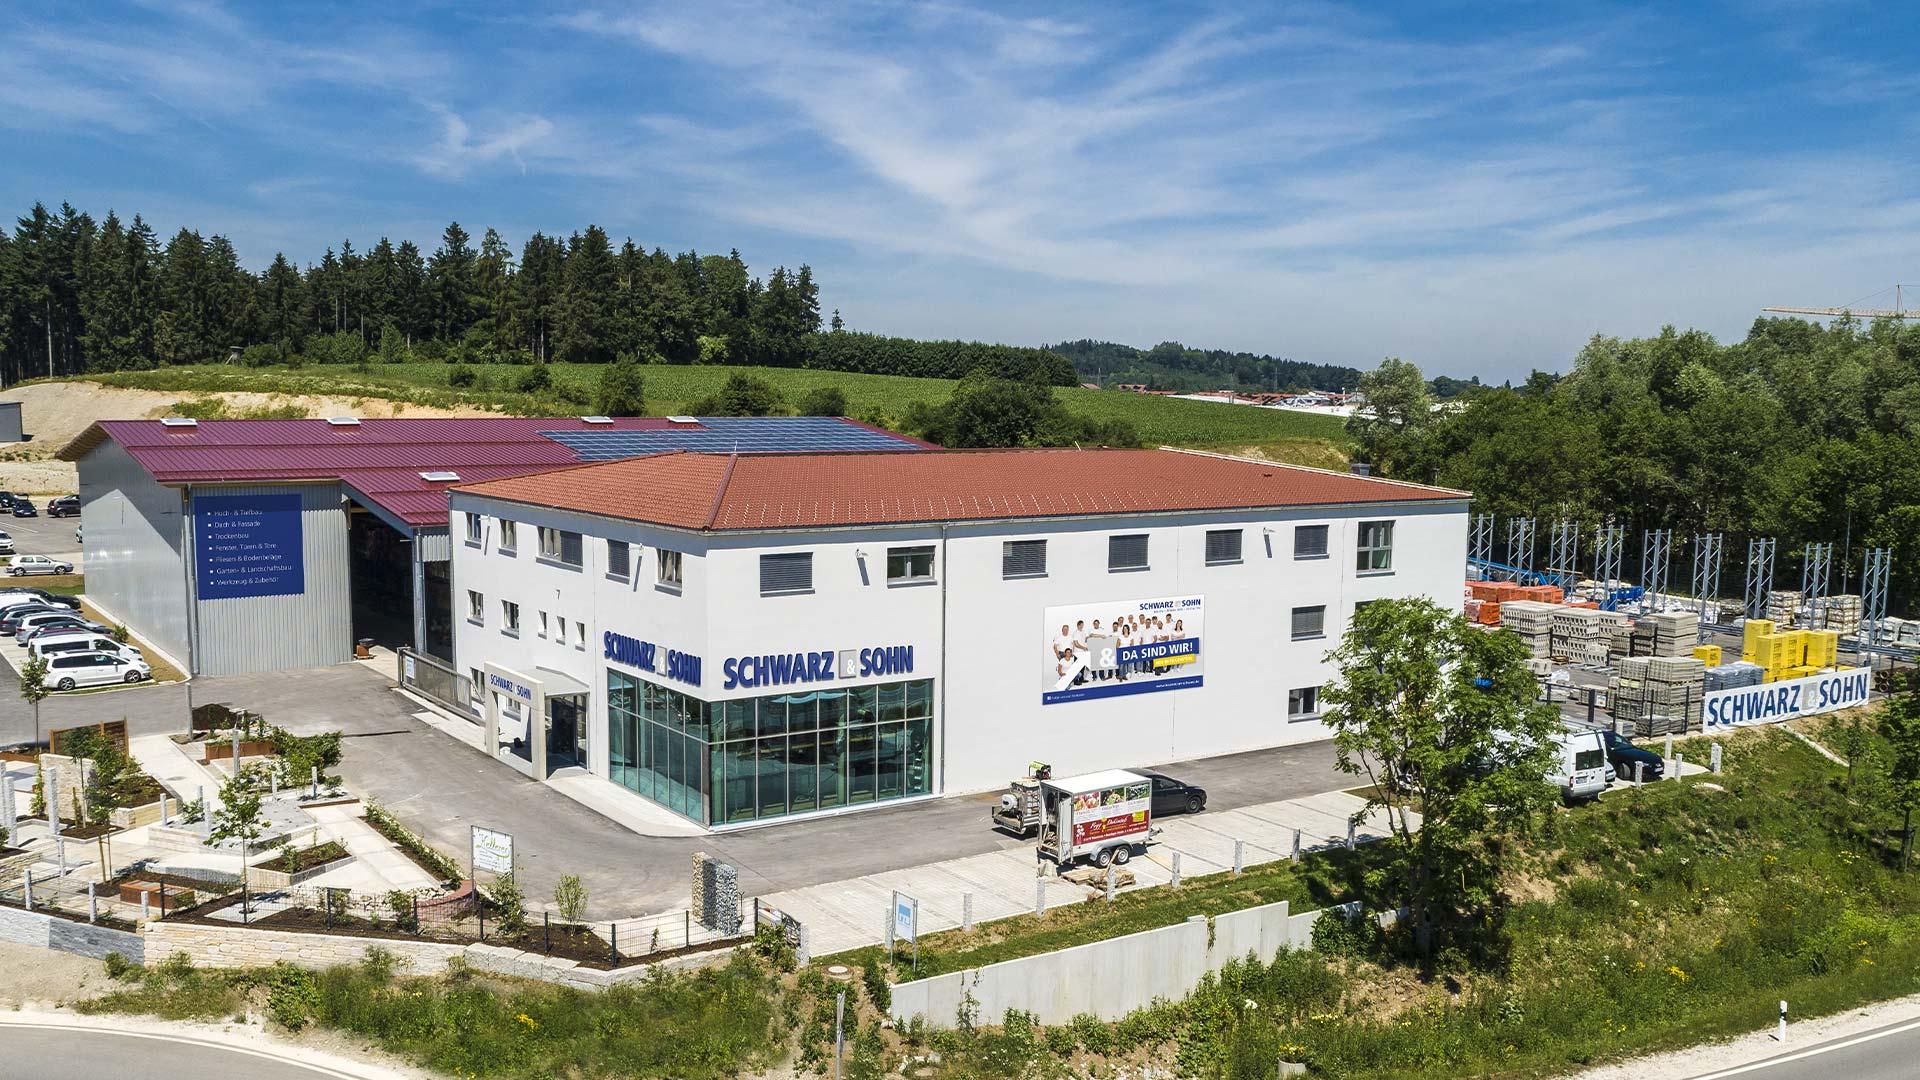 OPUS Marketing / Projekte / Schwarz und Sohn / Drohnenaufnahmen Gebäude